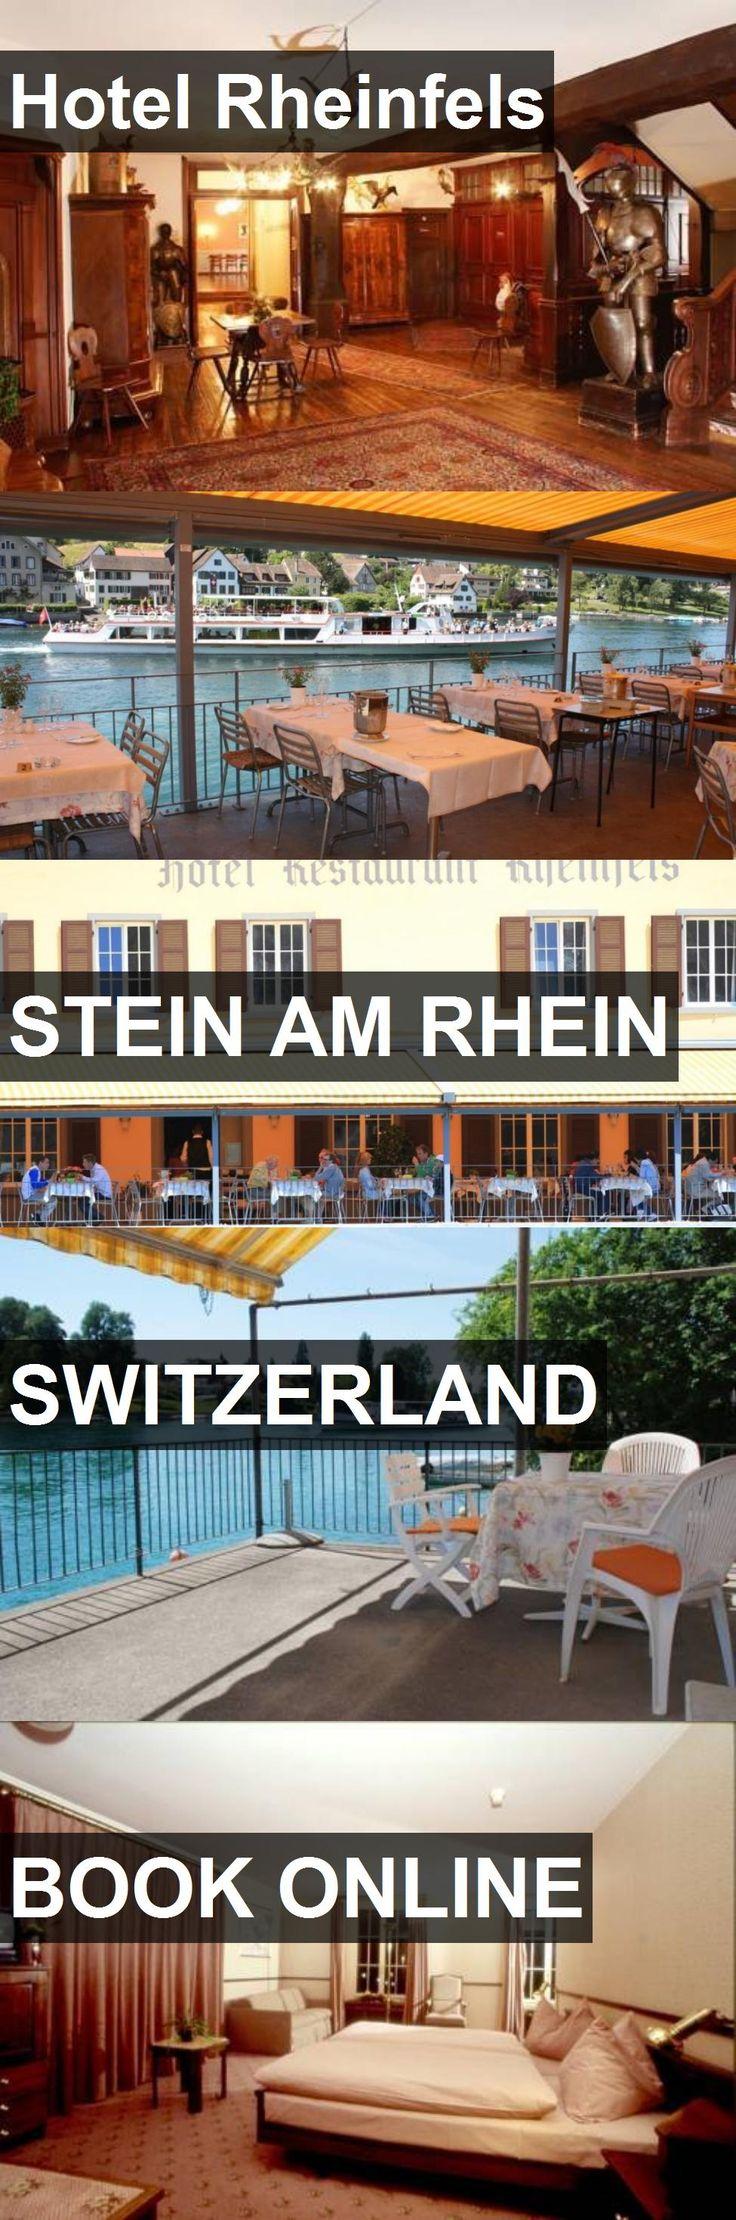 Hotel Rheinfels in Stein am Rhein, Switzerland. For more information, photos, reviews and best prices please follow the link. #Switzerland #SteinamRhein #travel #vacation #hotel